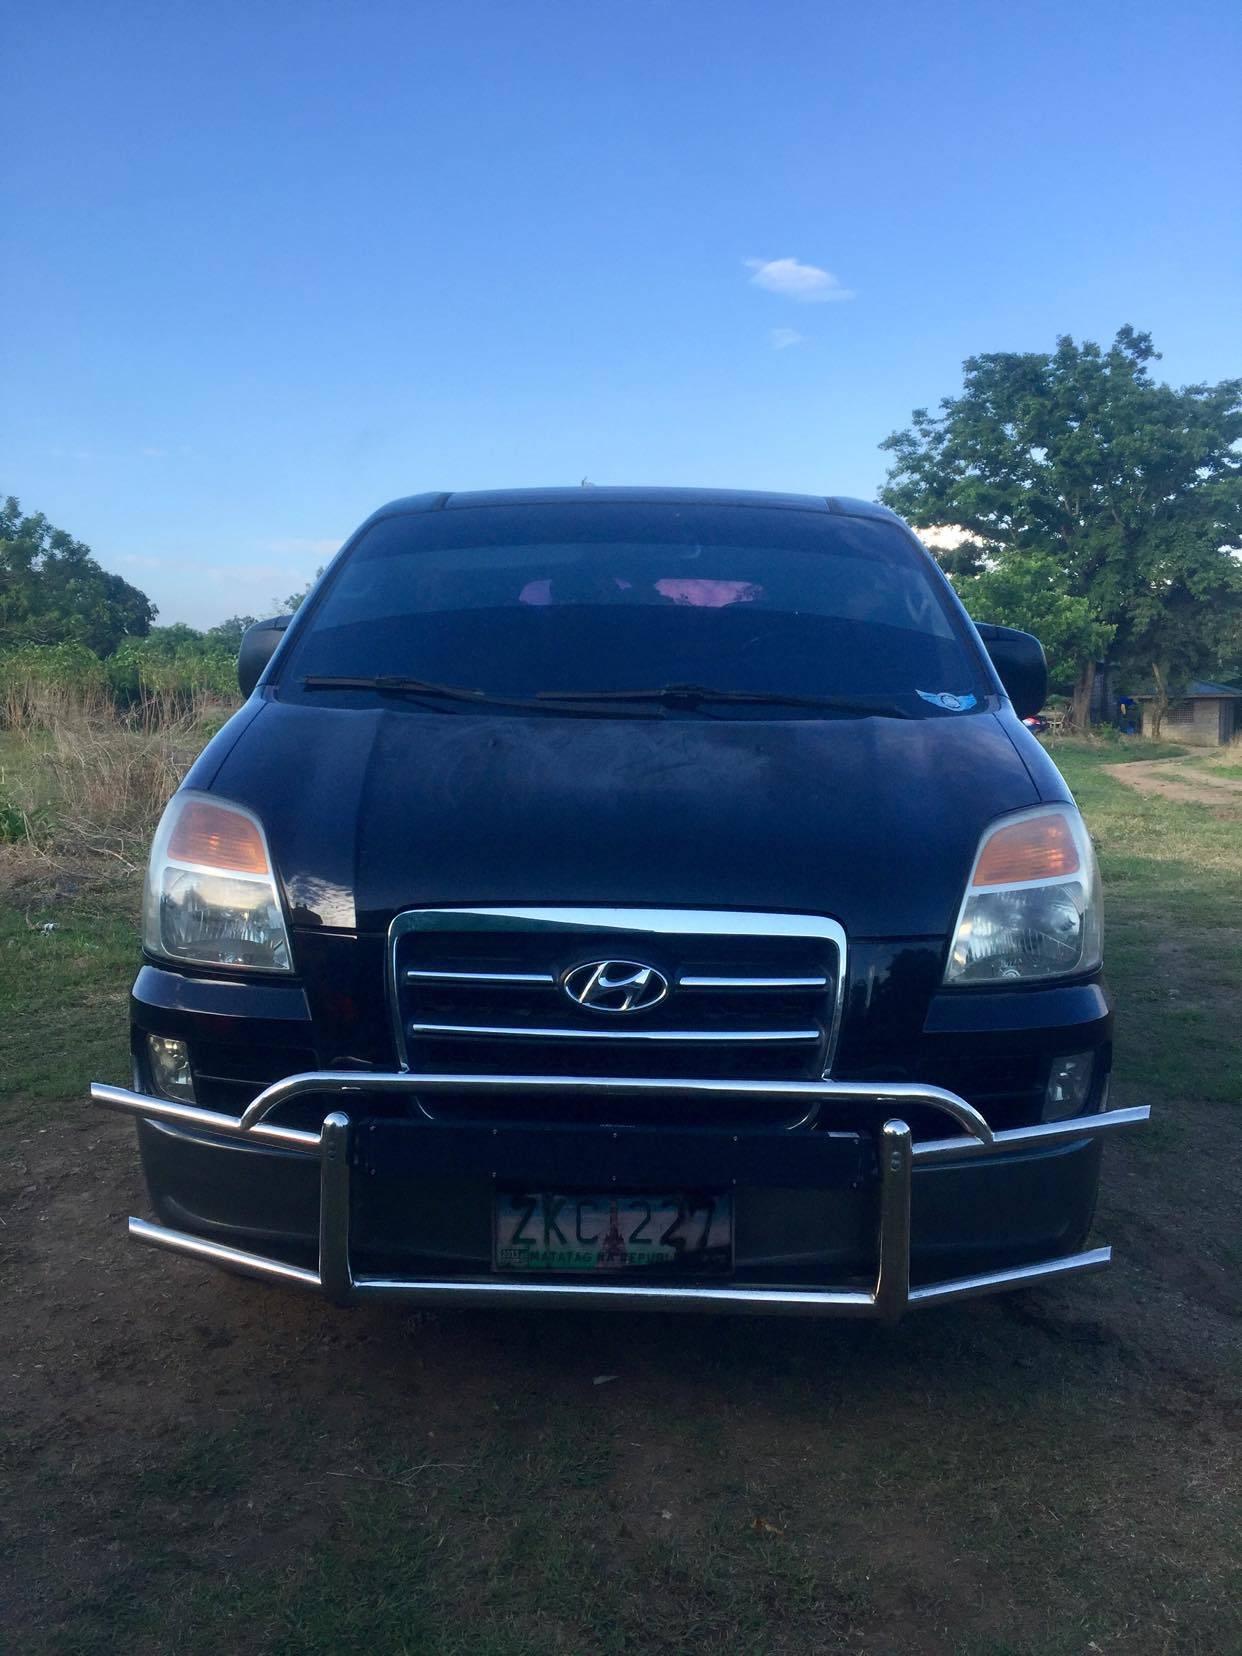 2007 Hyundai Grand Starex